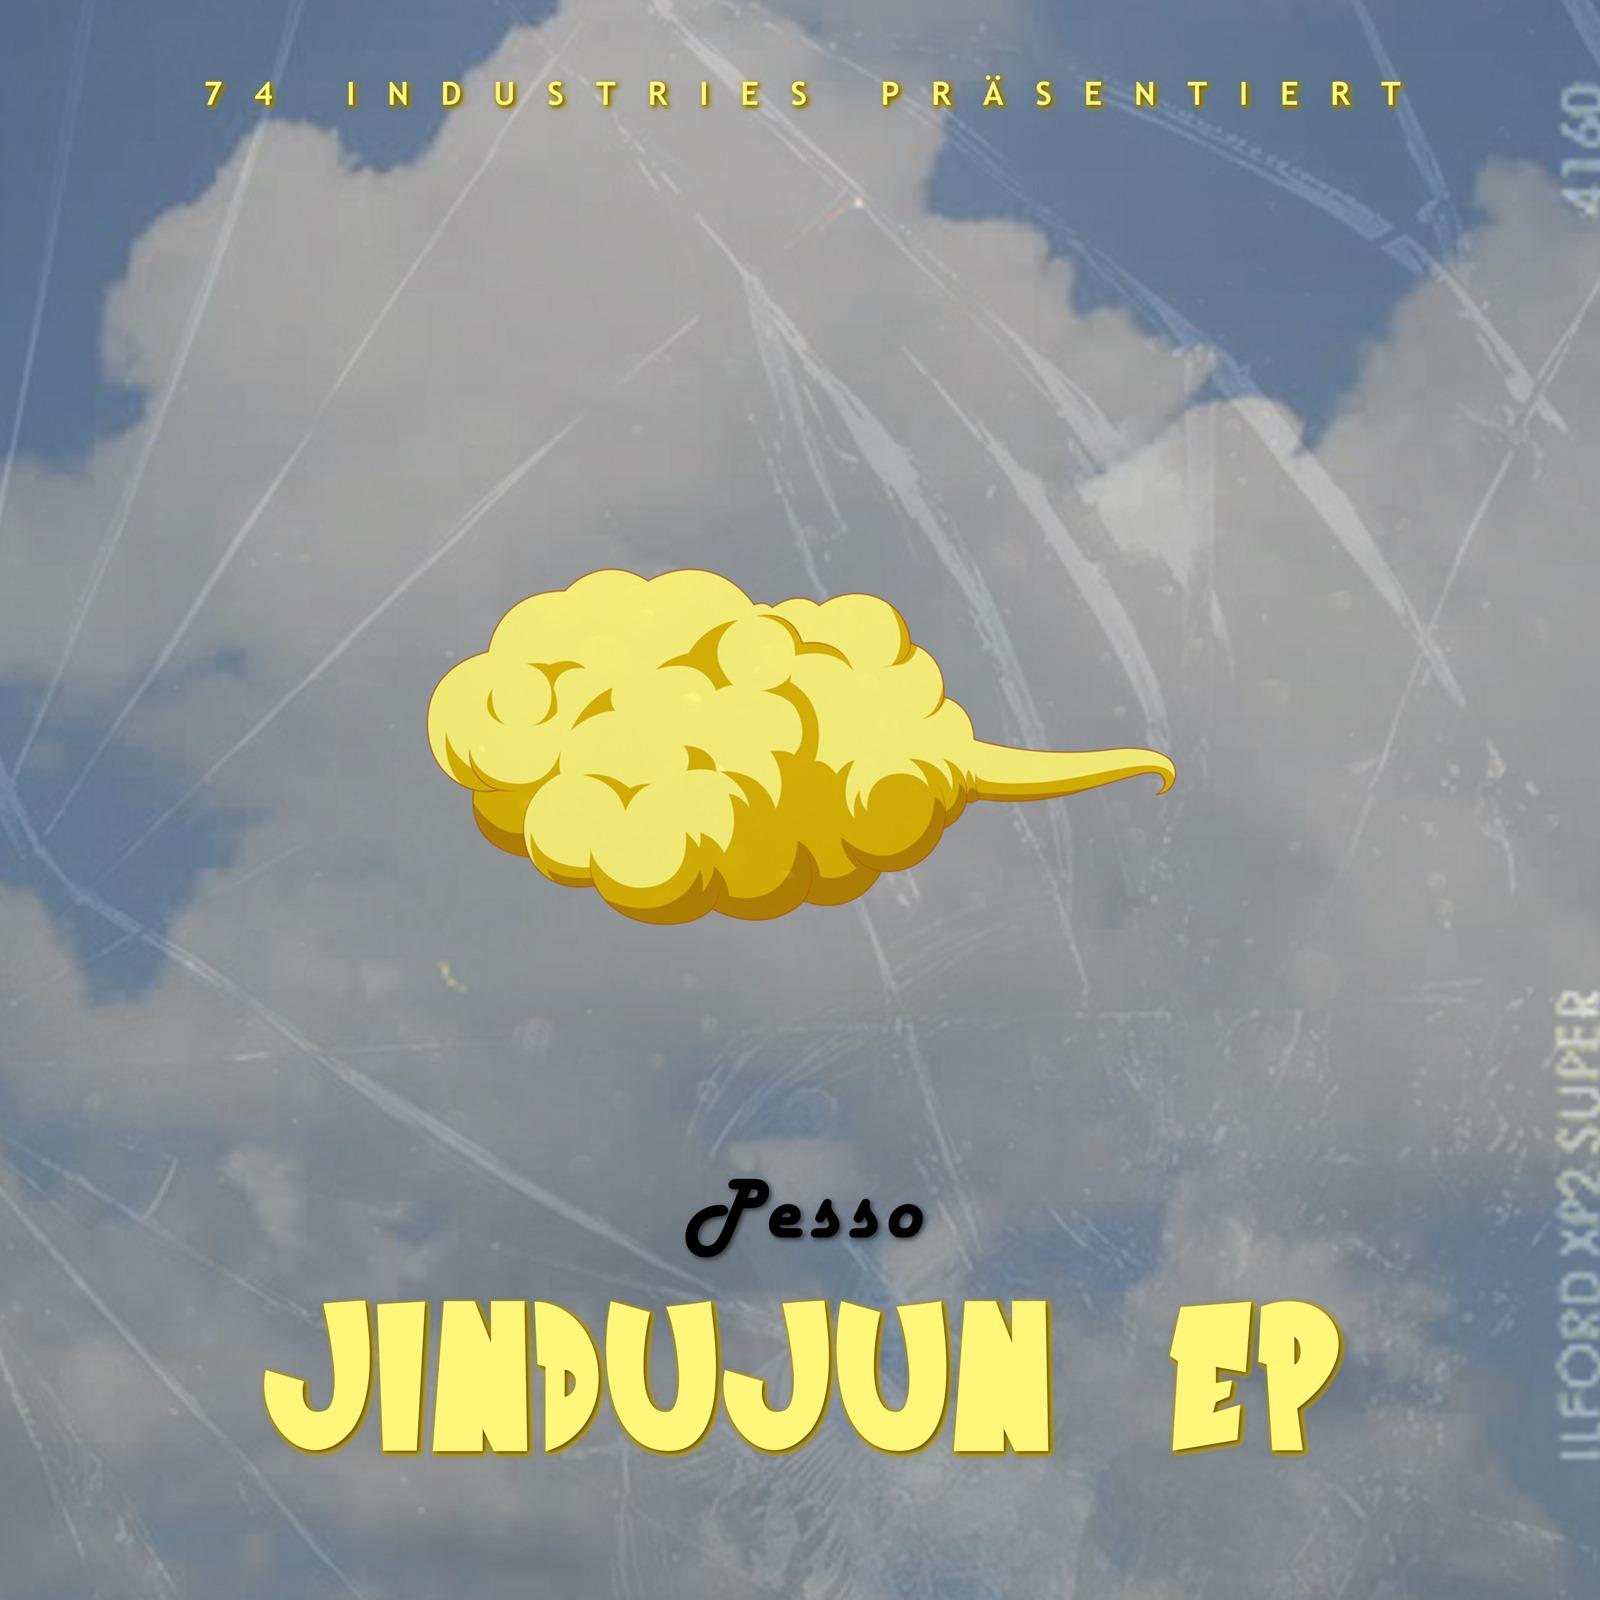 Upcoming: Pesso - Jindujun EP